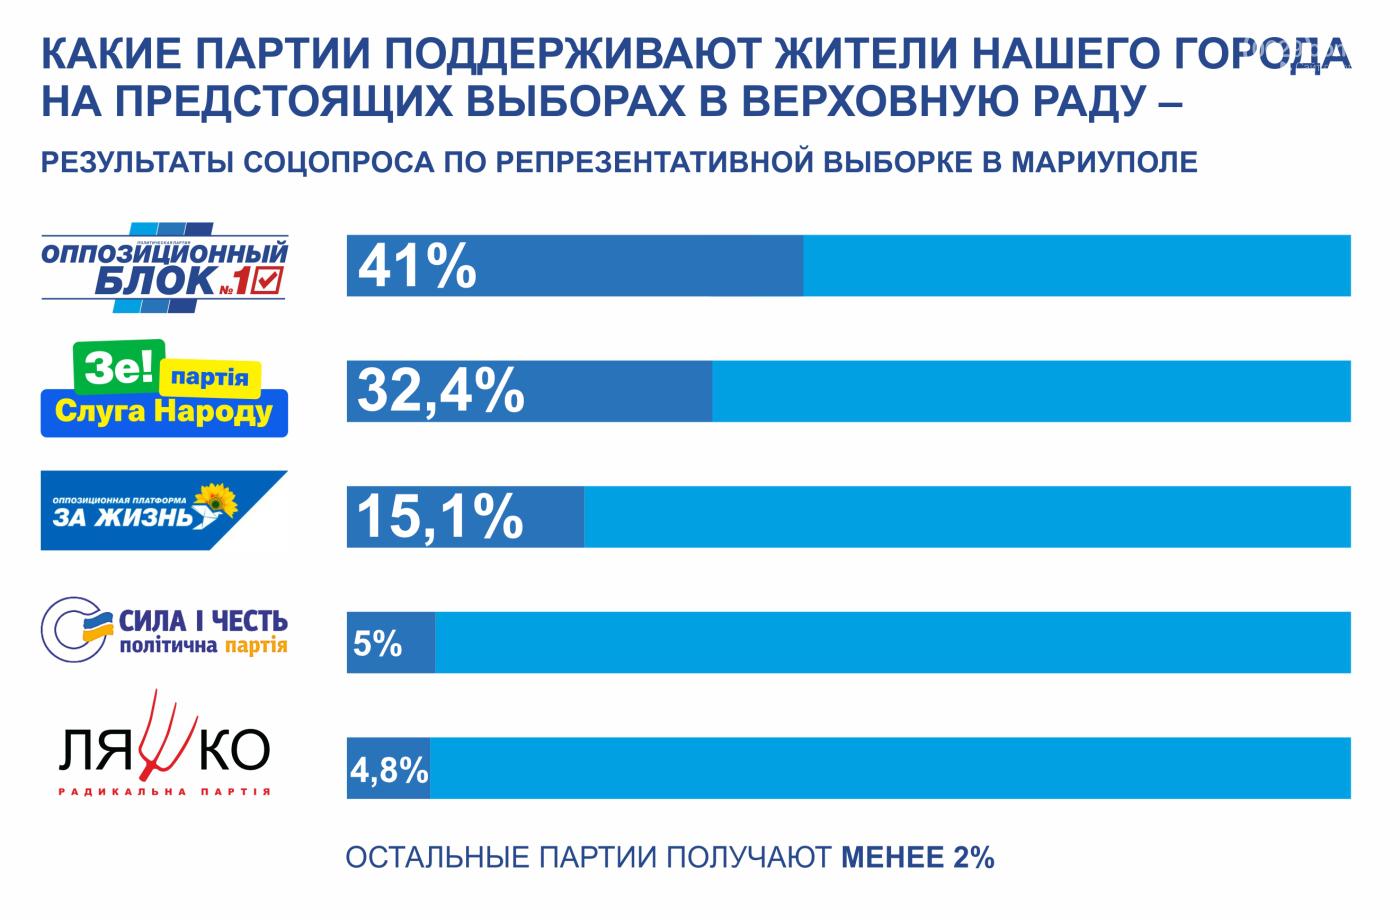 Рейтинг Оппозиционного блока в Мариуполе перешагнул отметку в 40%, фото-1